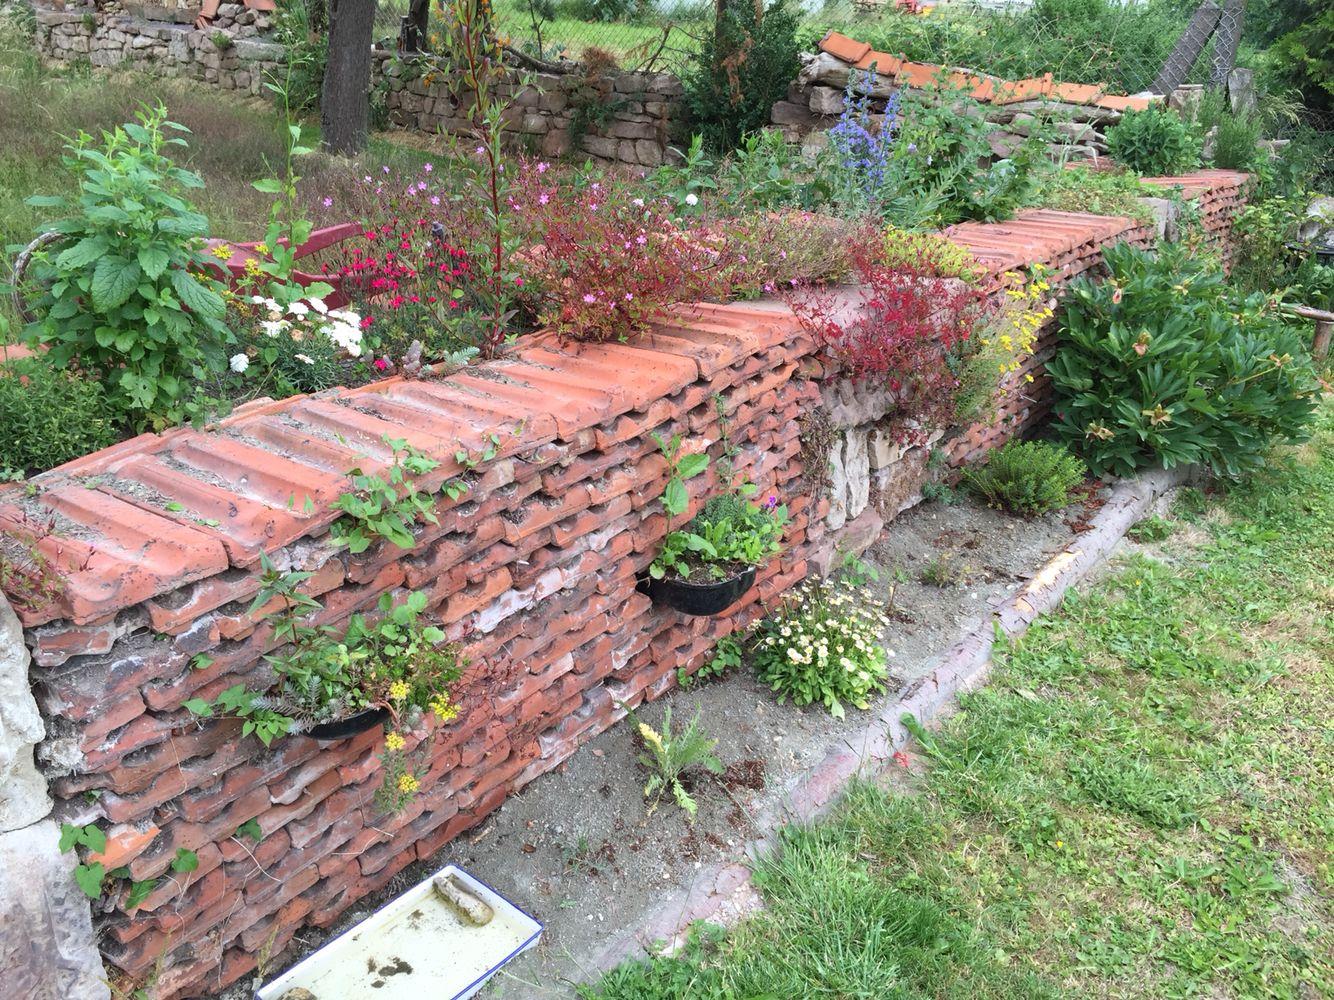 trockenmauer aus den alten ziegeln nach einem jahr | aus unserem, Garten und erstellen